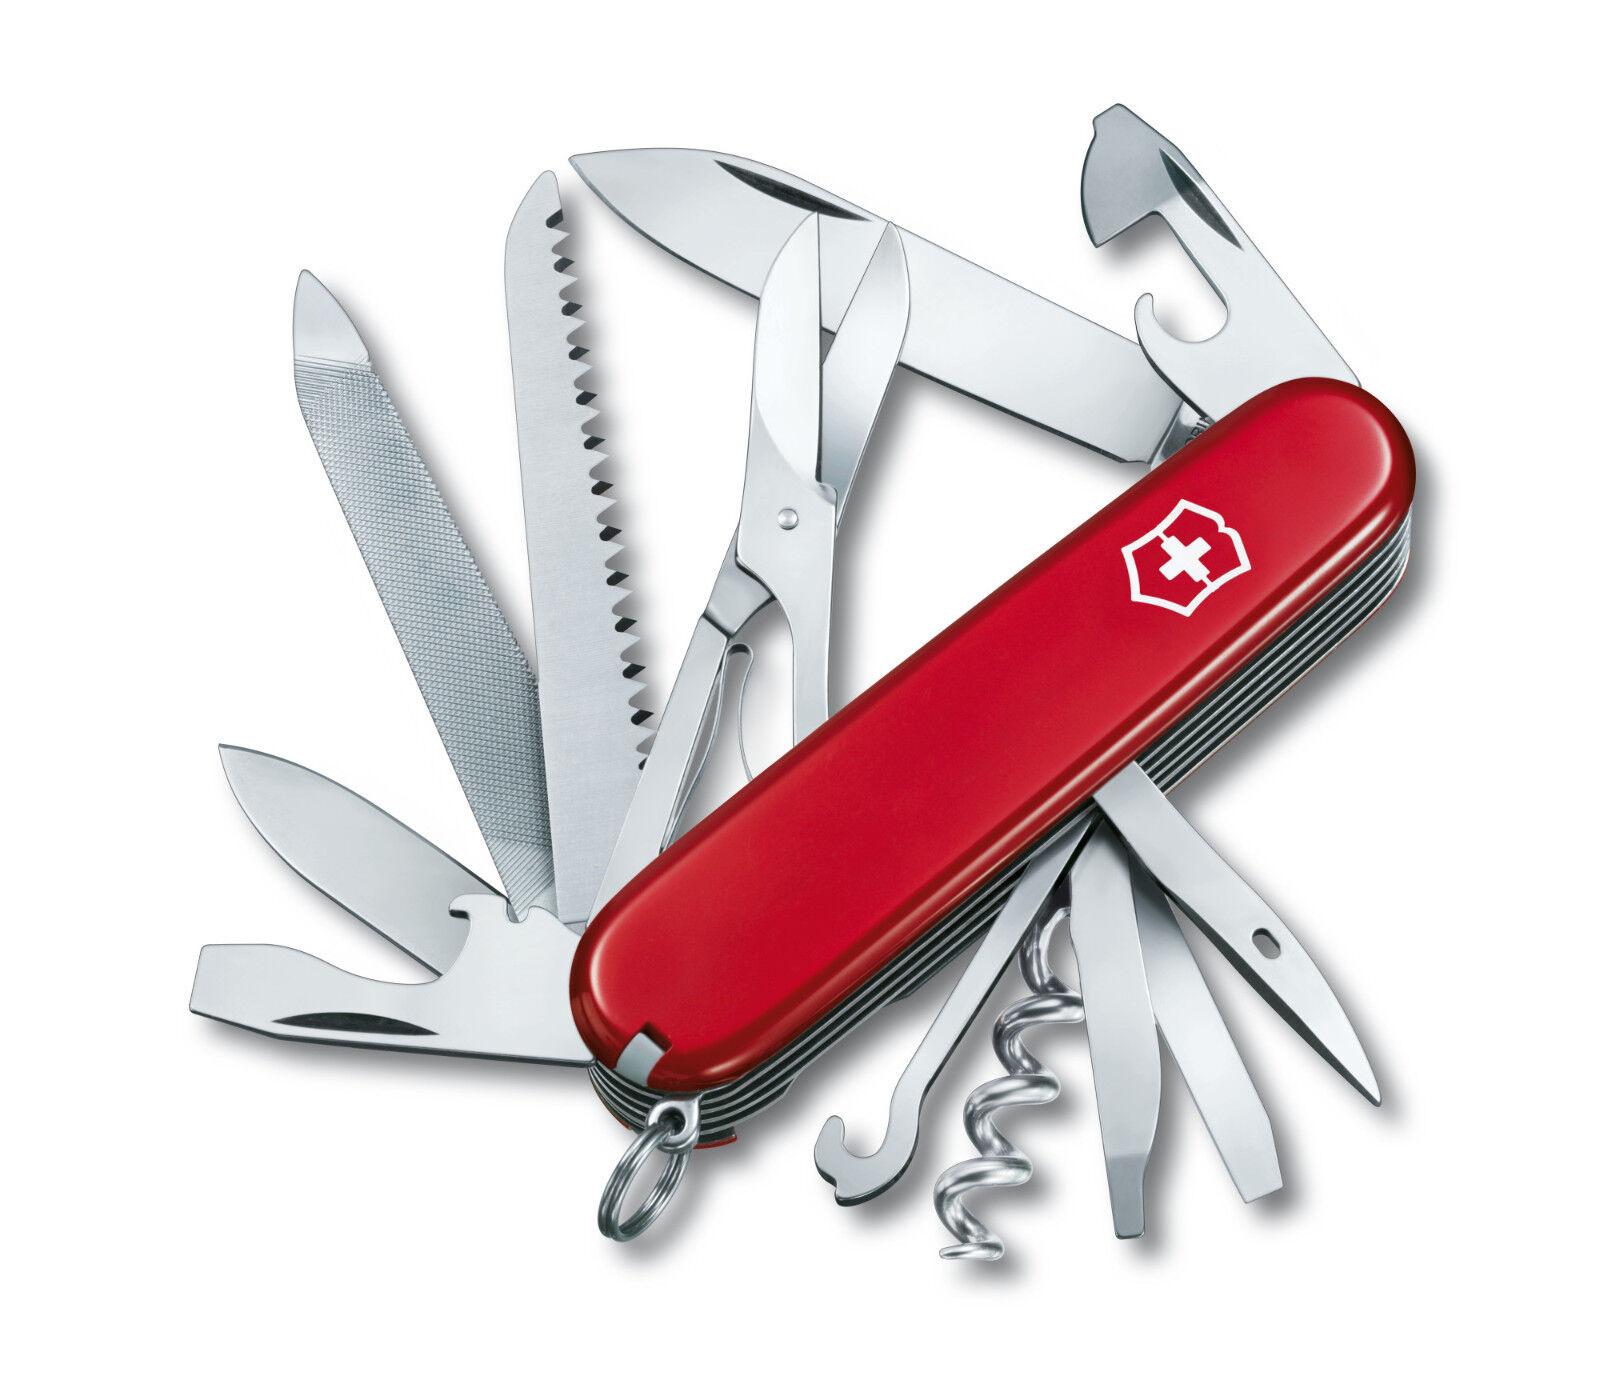 Victorinox Schweizer Taschenmesser RANGER mit Wunschtext Logo Logo Logo Druck Grafik ccc7f8